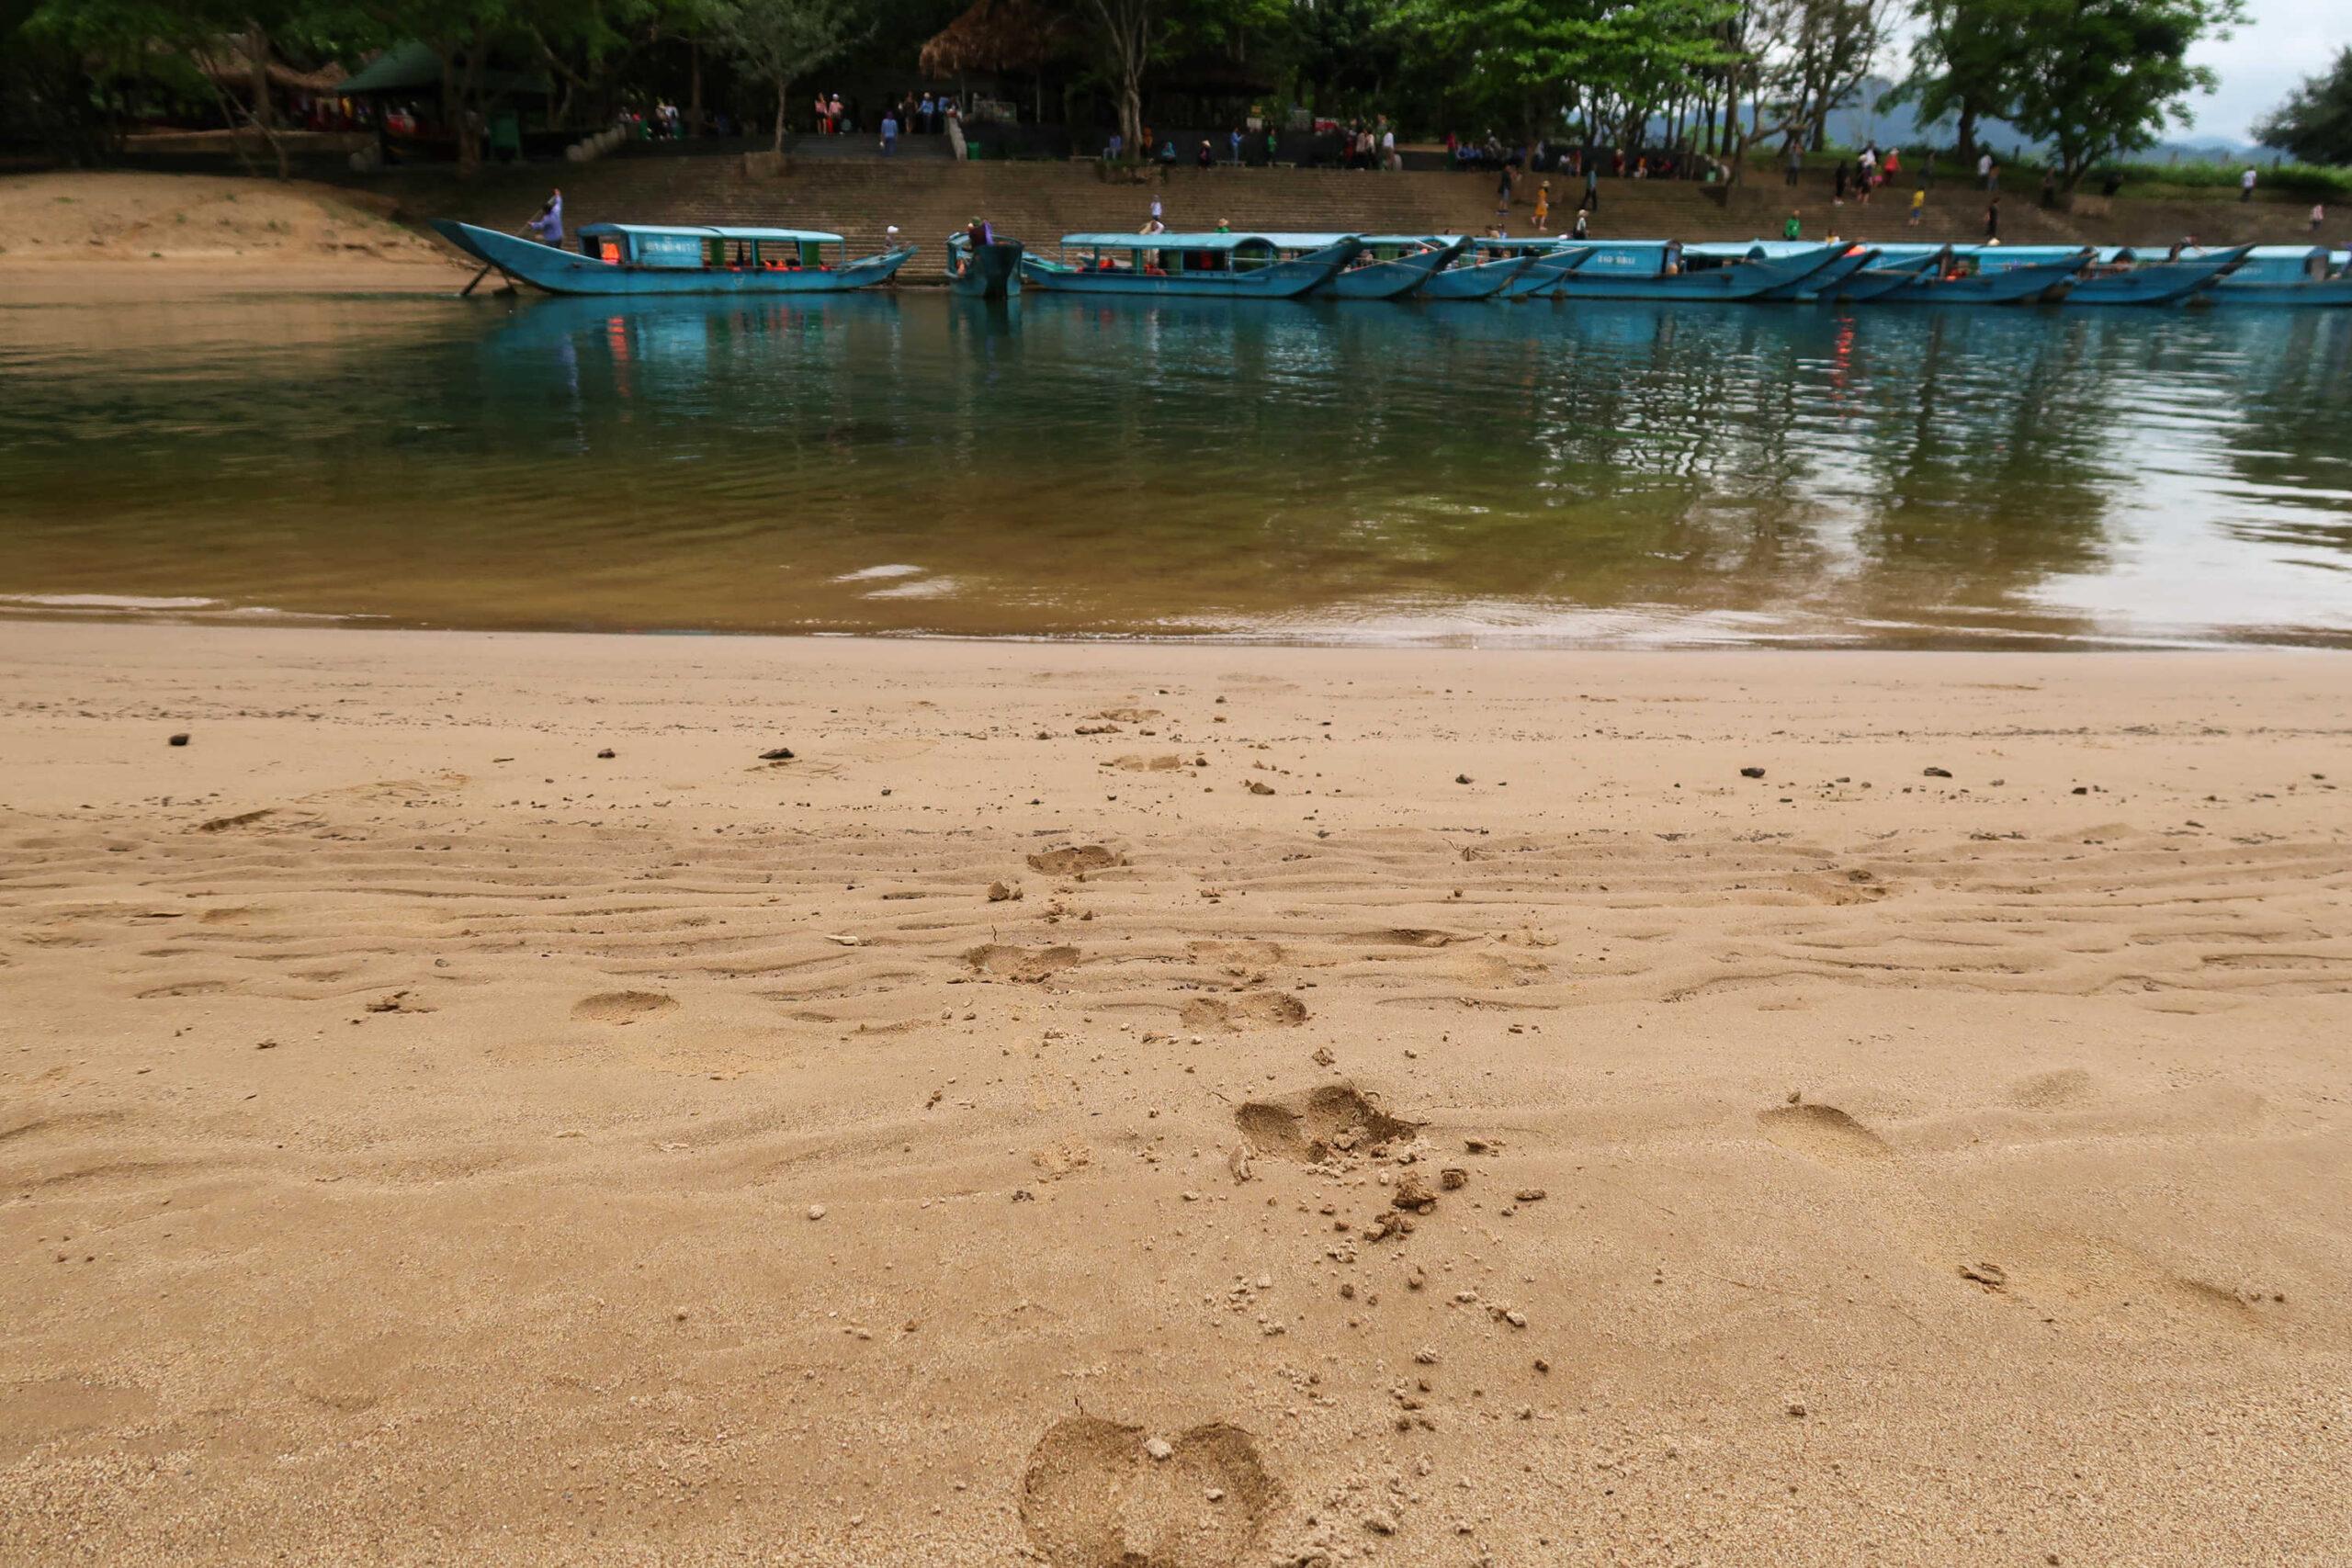 Obrazek przedstawia widok na ślady kopyt pozostawione na piasku przed jeziorem. W tle widoczne są łódki.